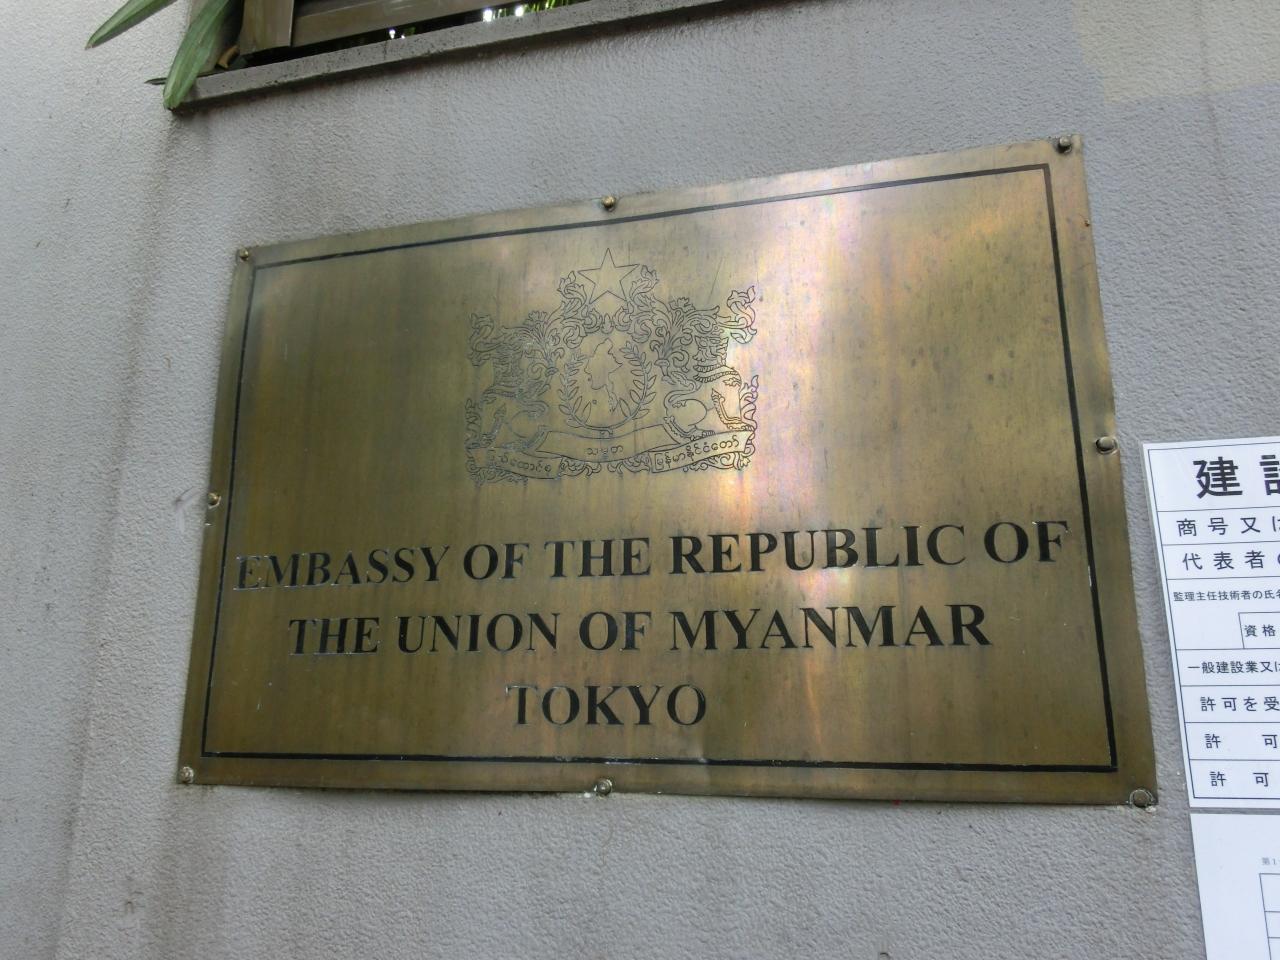 大使 館 ミャンマー 駐日ミャンマー大使館